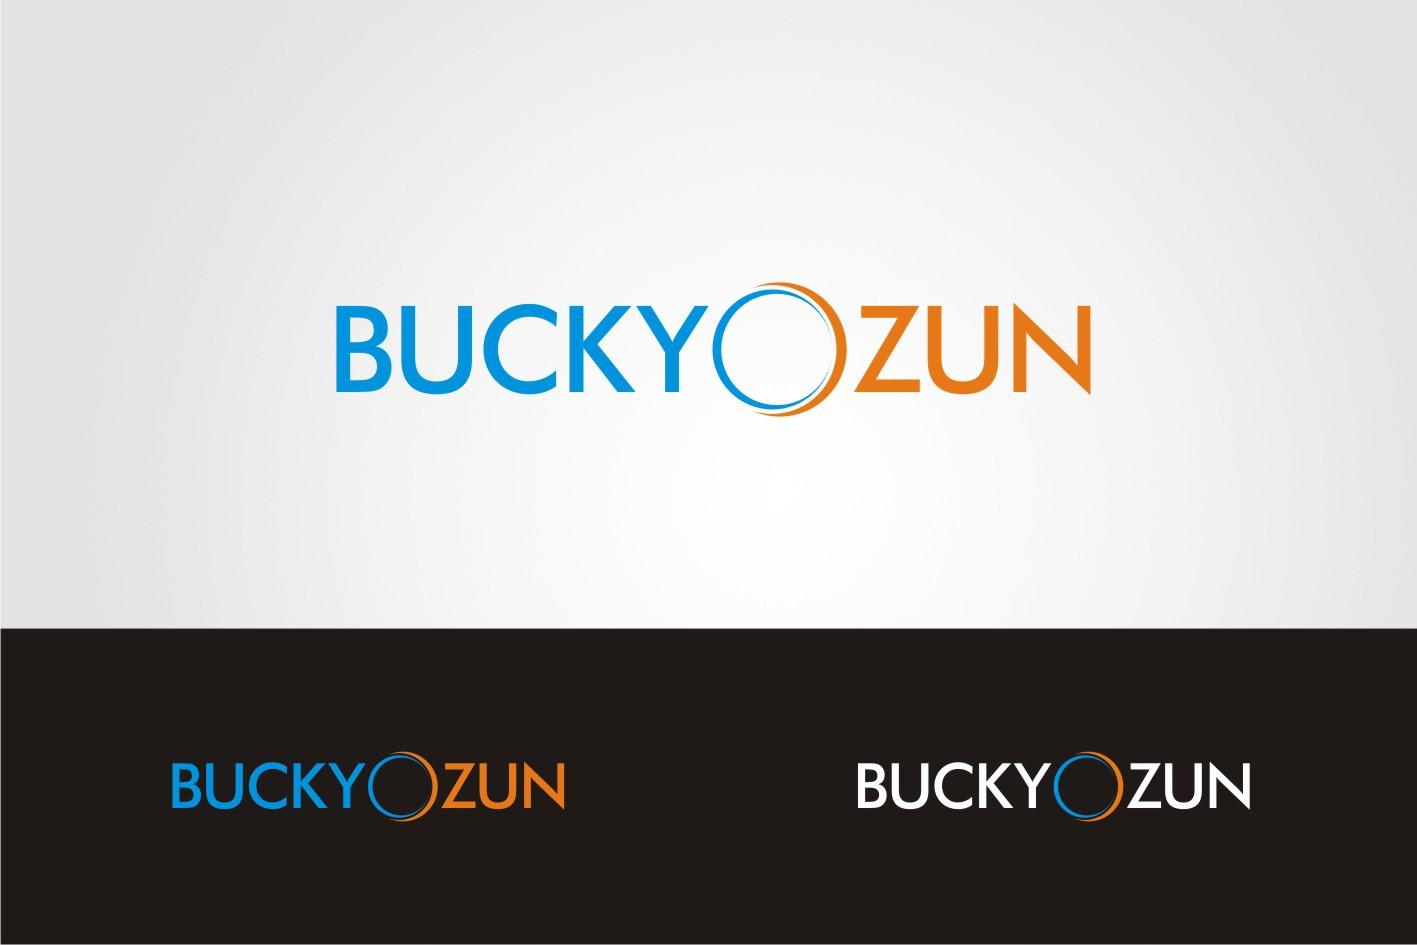 Help BUCKY'o'ZUN with a new logo